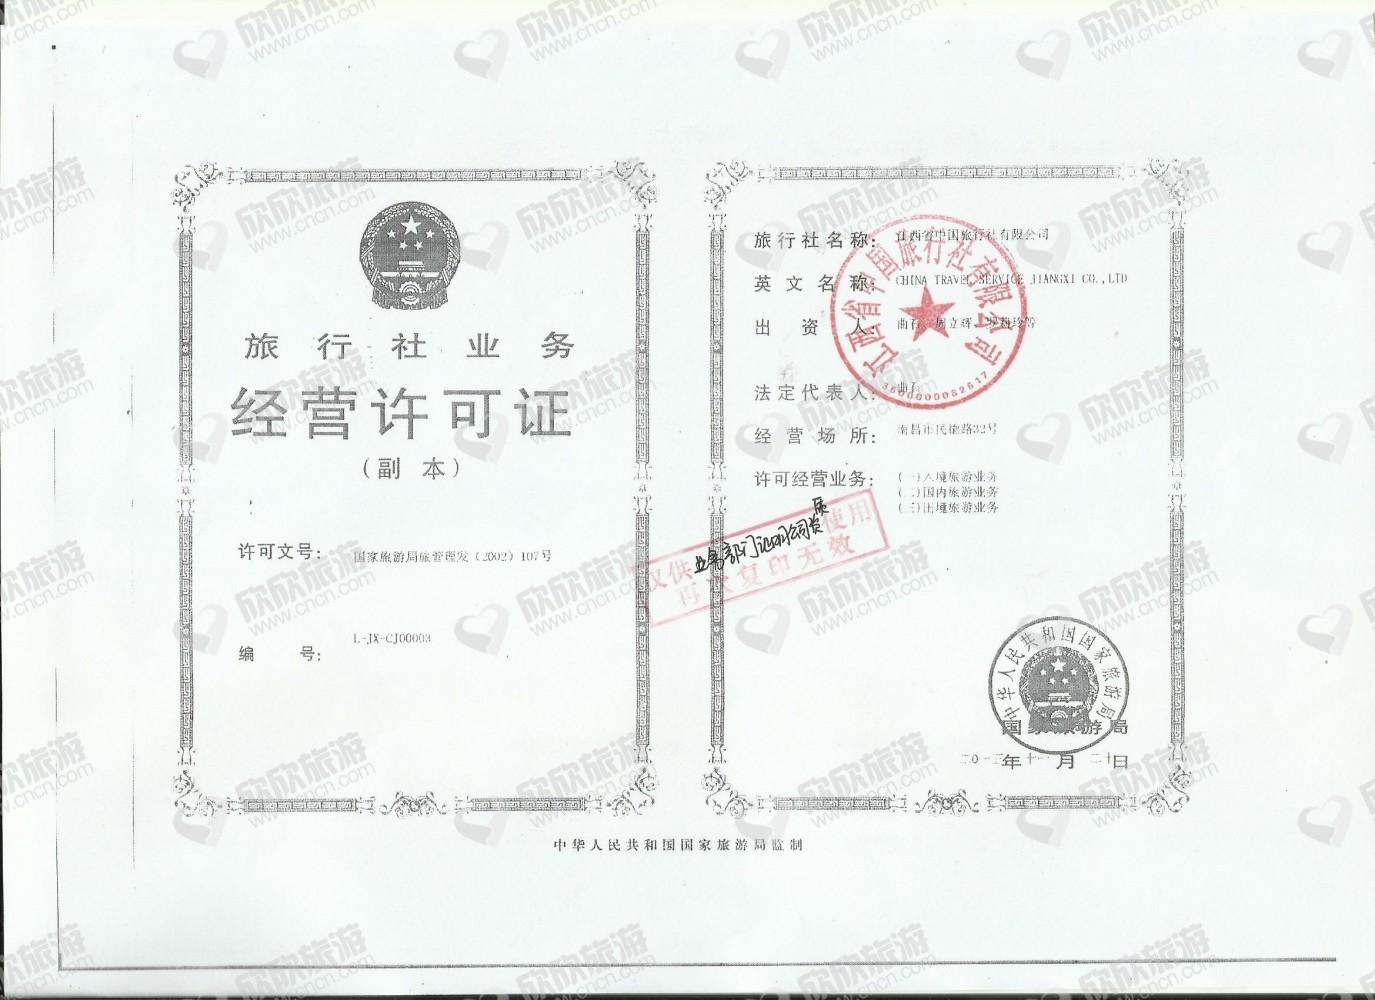 江西省中国旅行社有限公司经营许可证